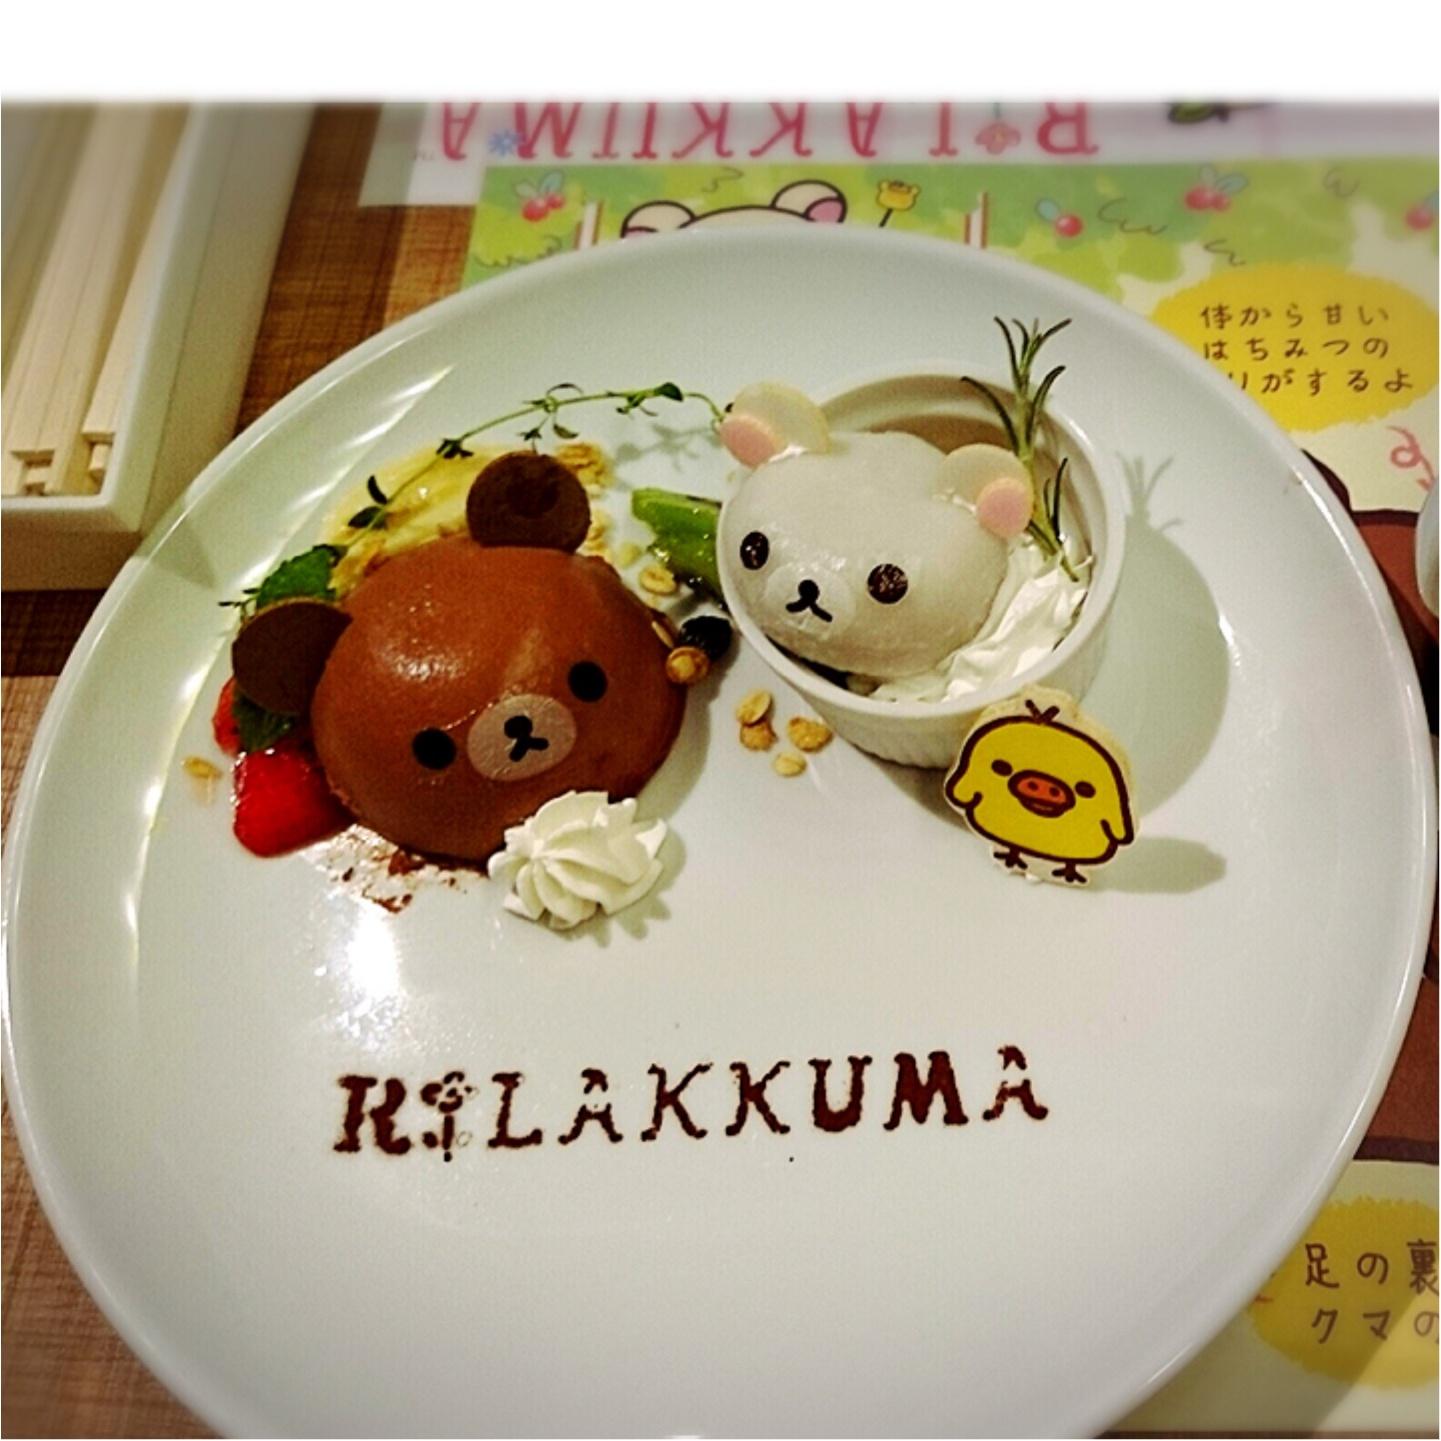 もう予約した?大阪に上陸したリラックマカフェがかわいすぎっ♡byみそ_7